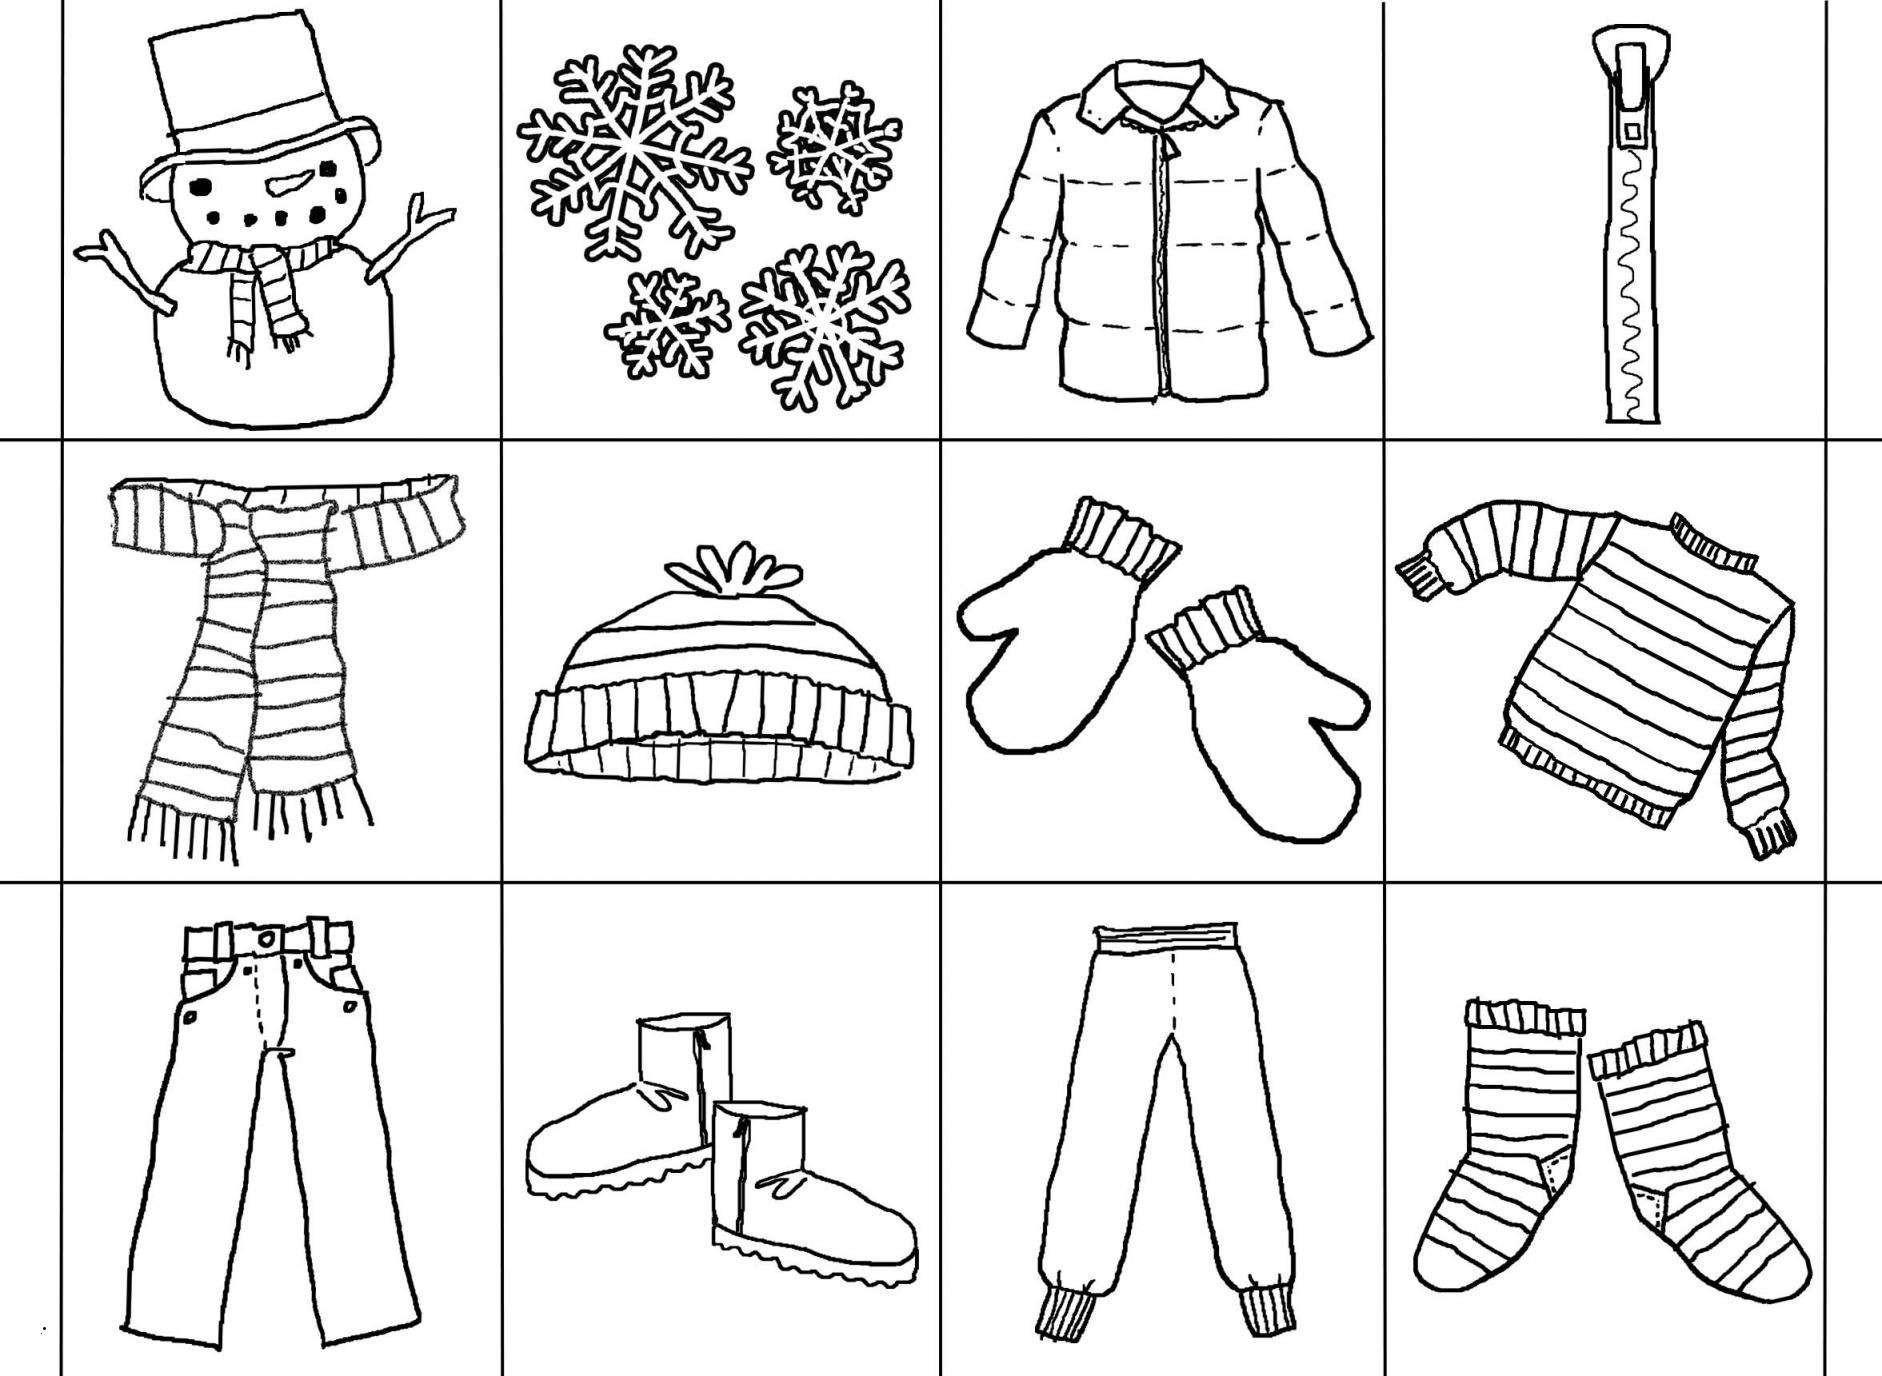 Ausmalbilder Weihnachten Für Erwachsene Genial 48 Neu Basteln Für Jungs Grafik Fotos